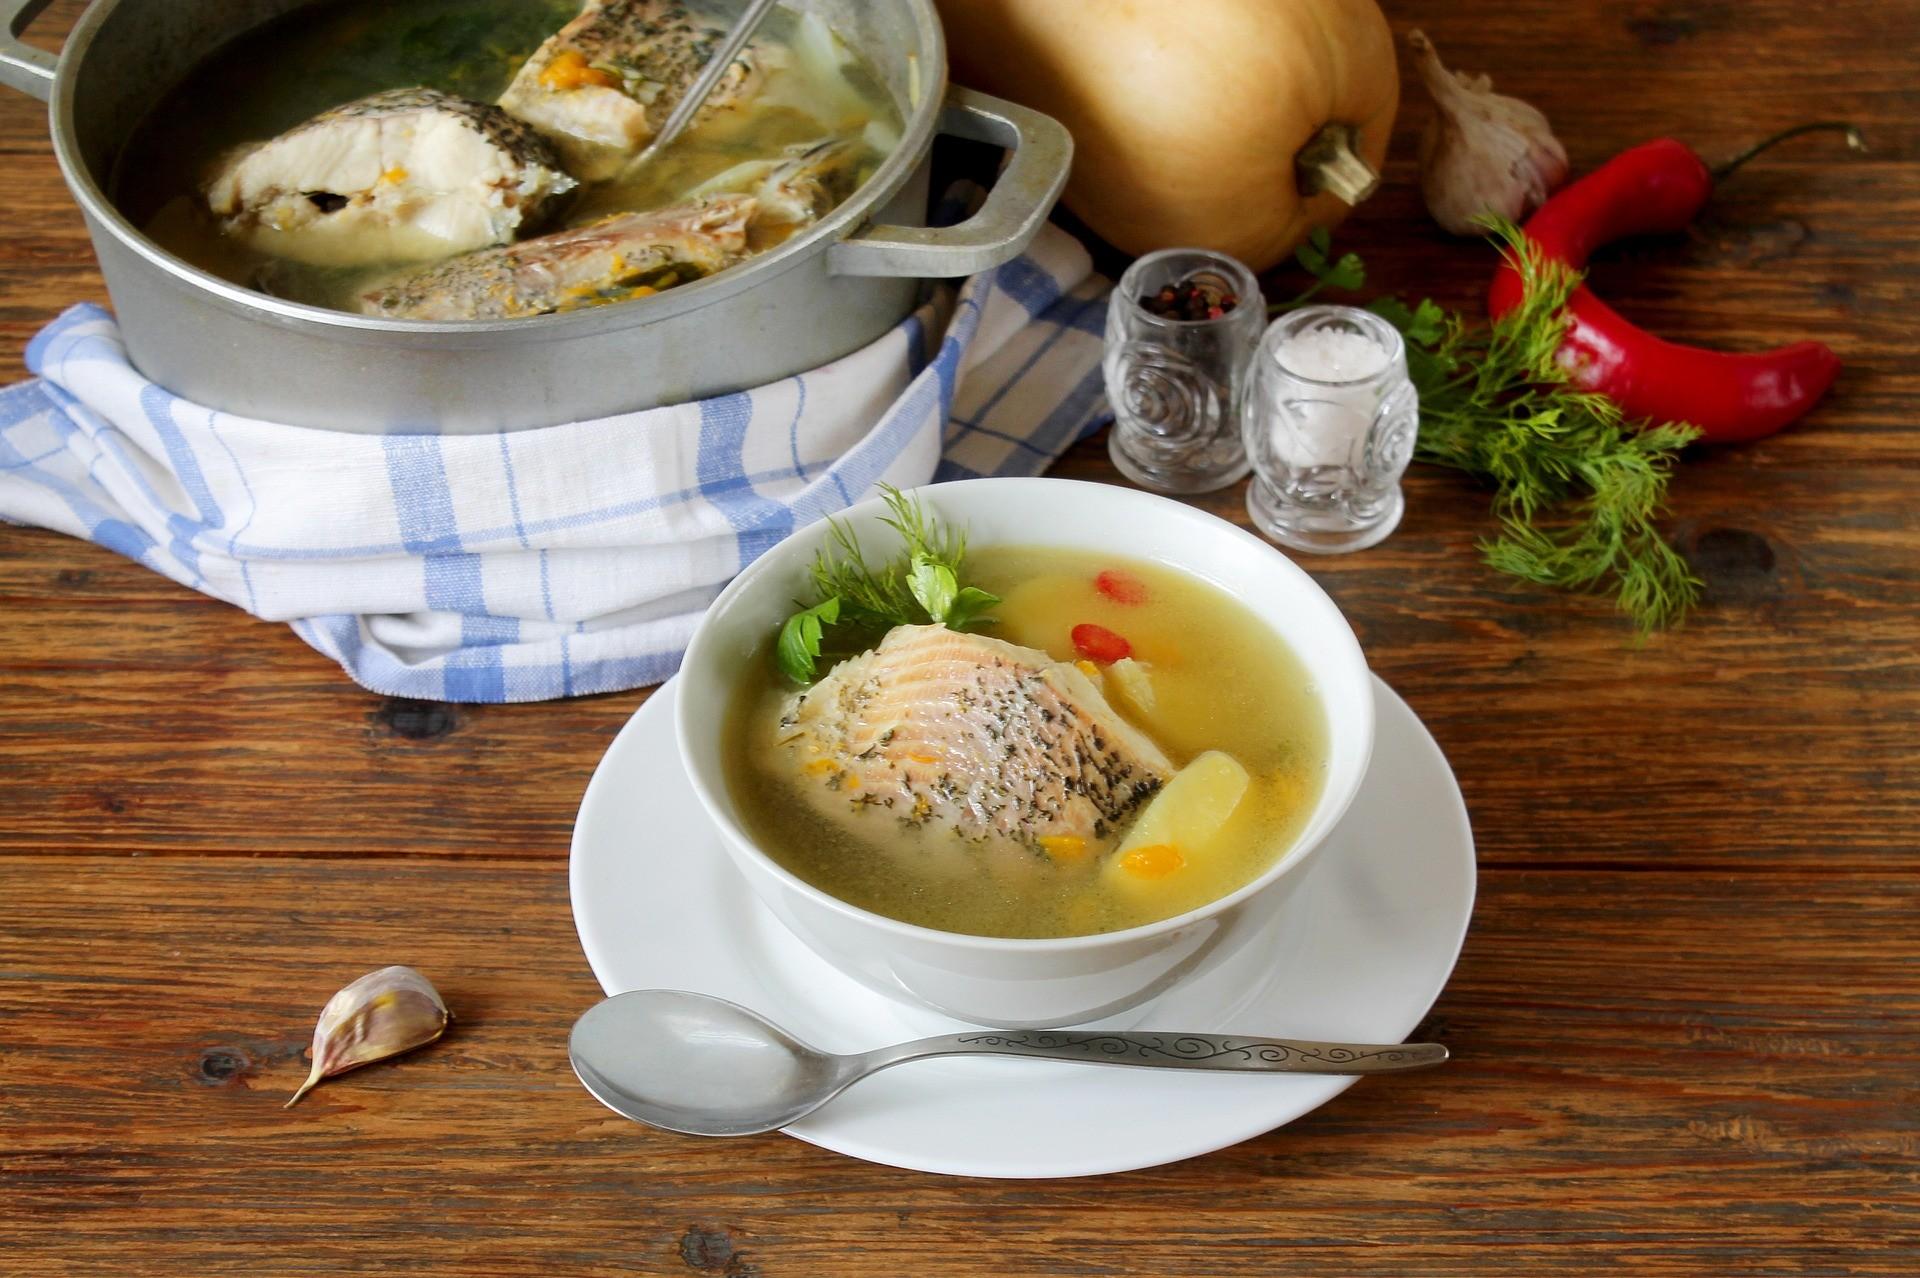 ▲魚湯 。(圖/取自免費圖庫Pixabay)